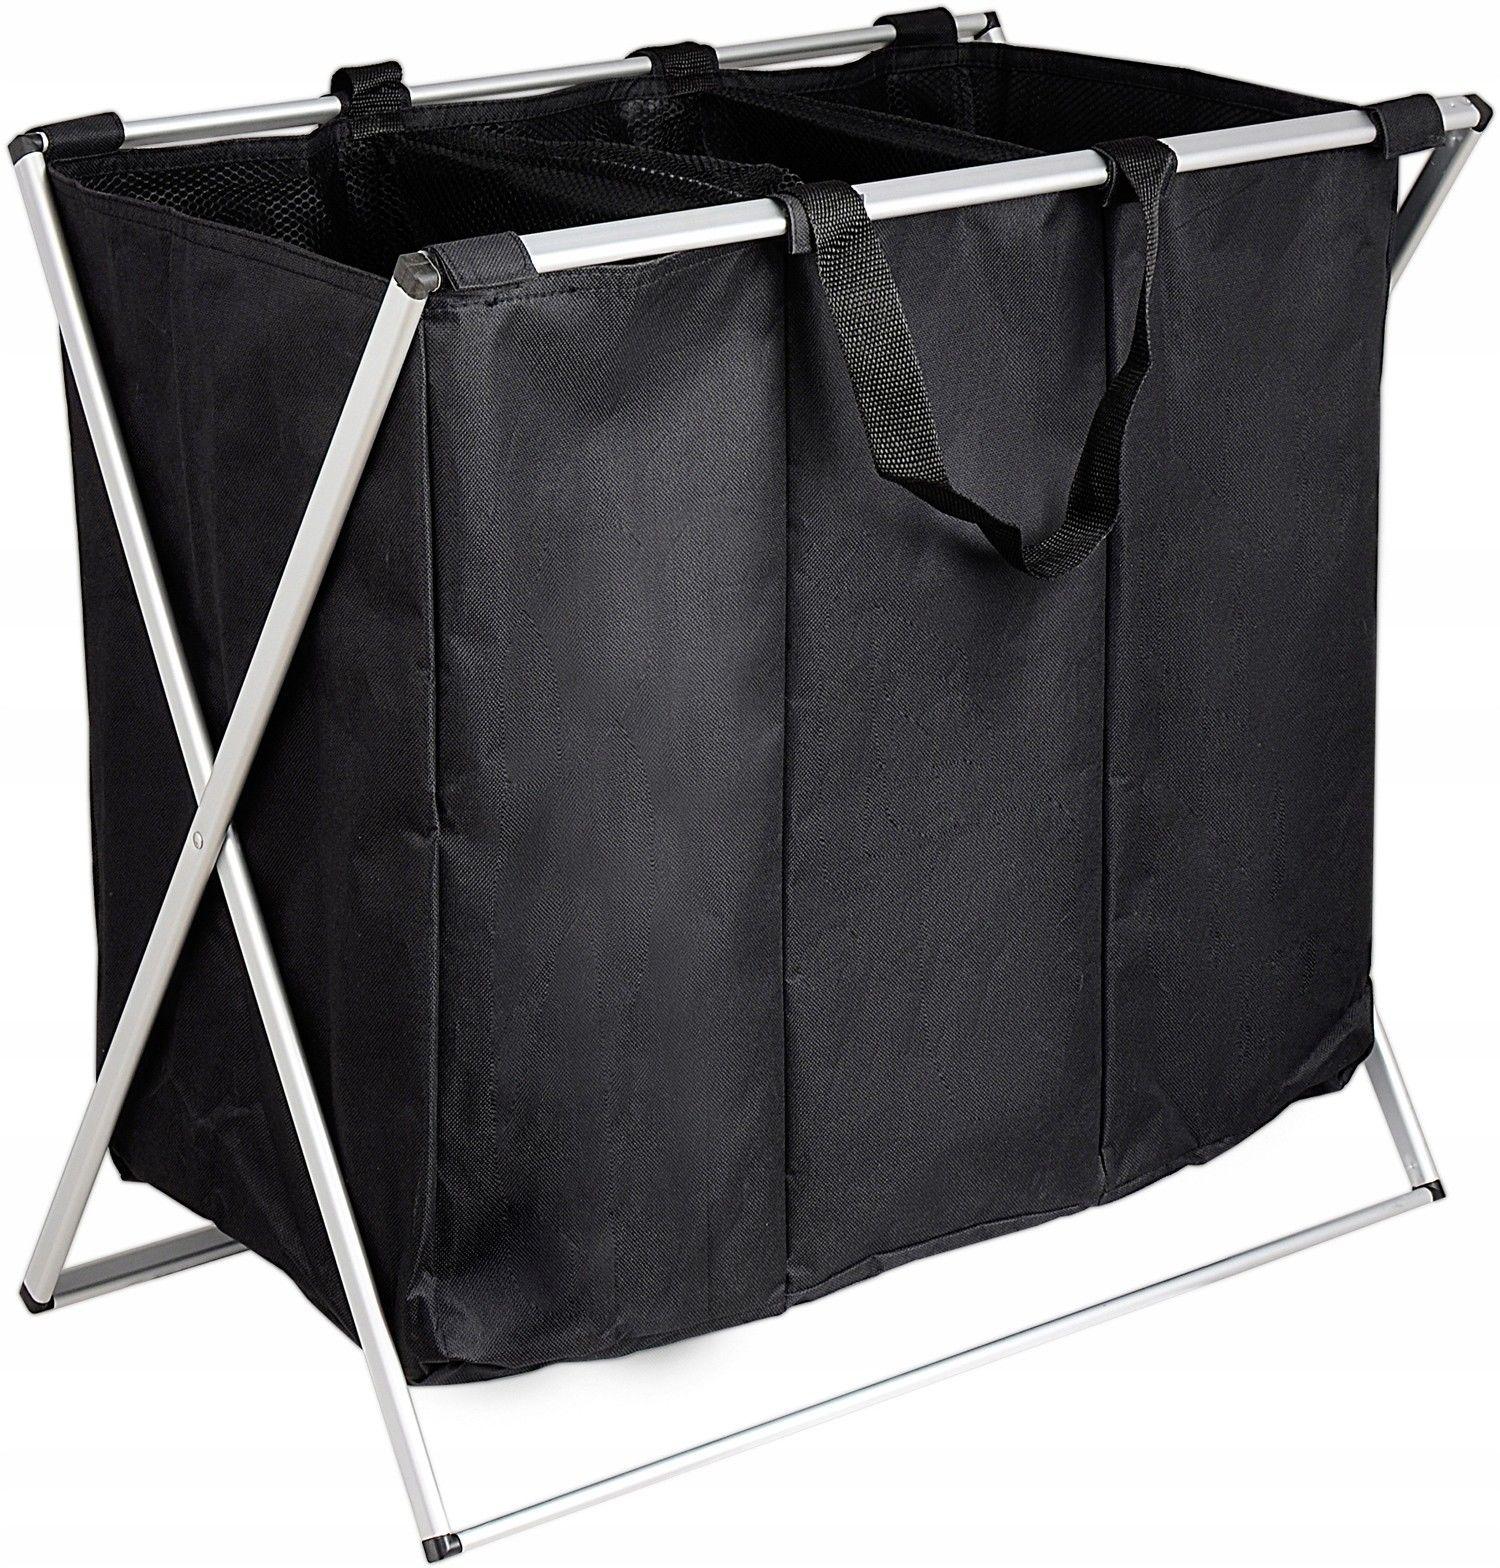 Pojemnik kosz na pranie 3 komory czarny 90l - Yoka